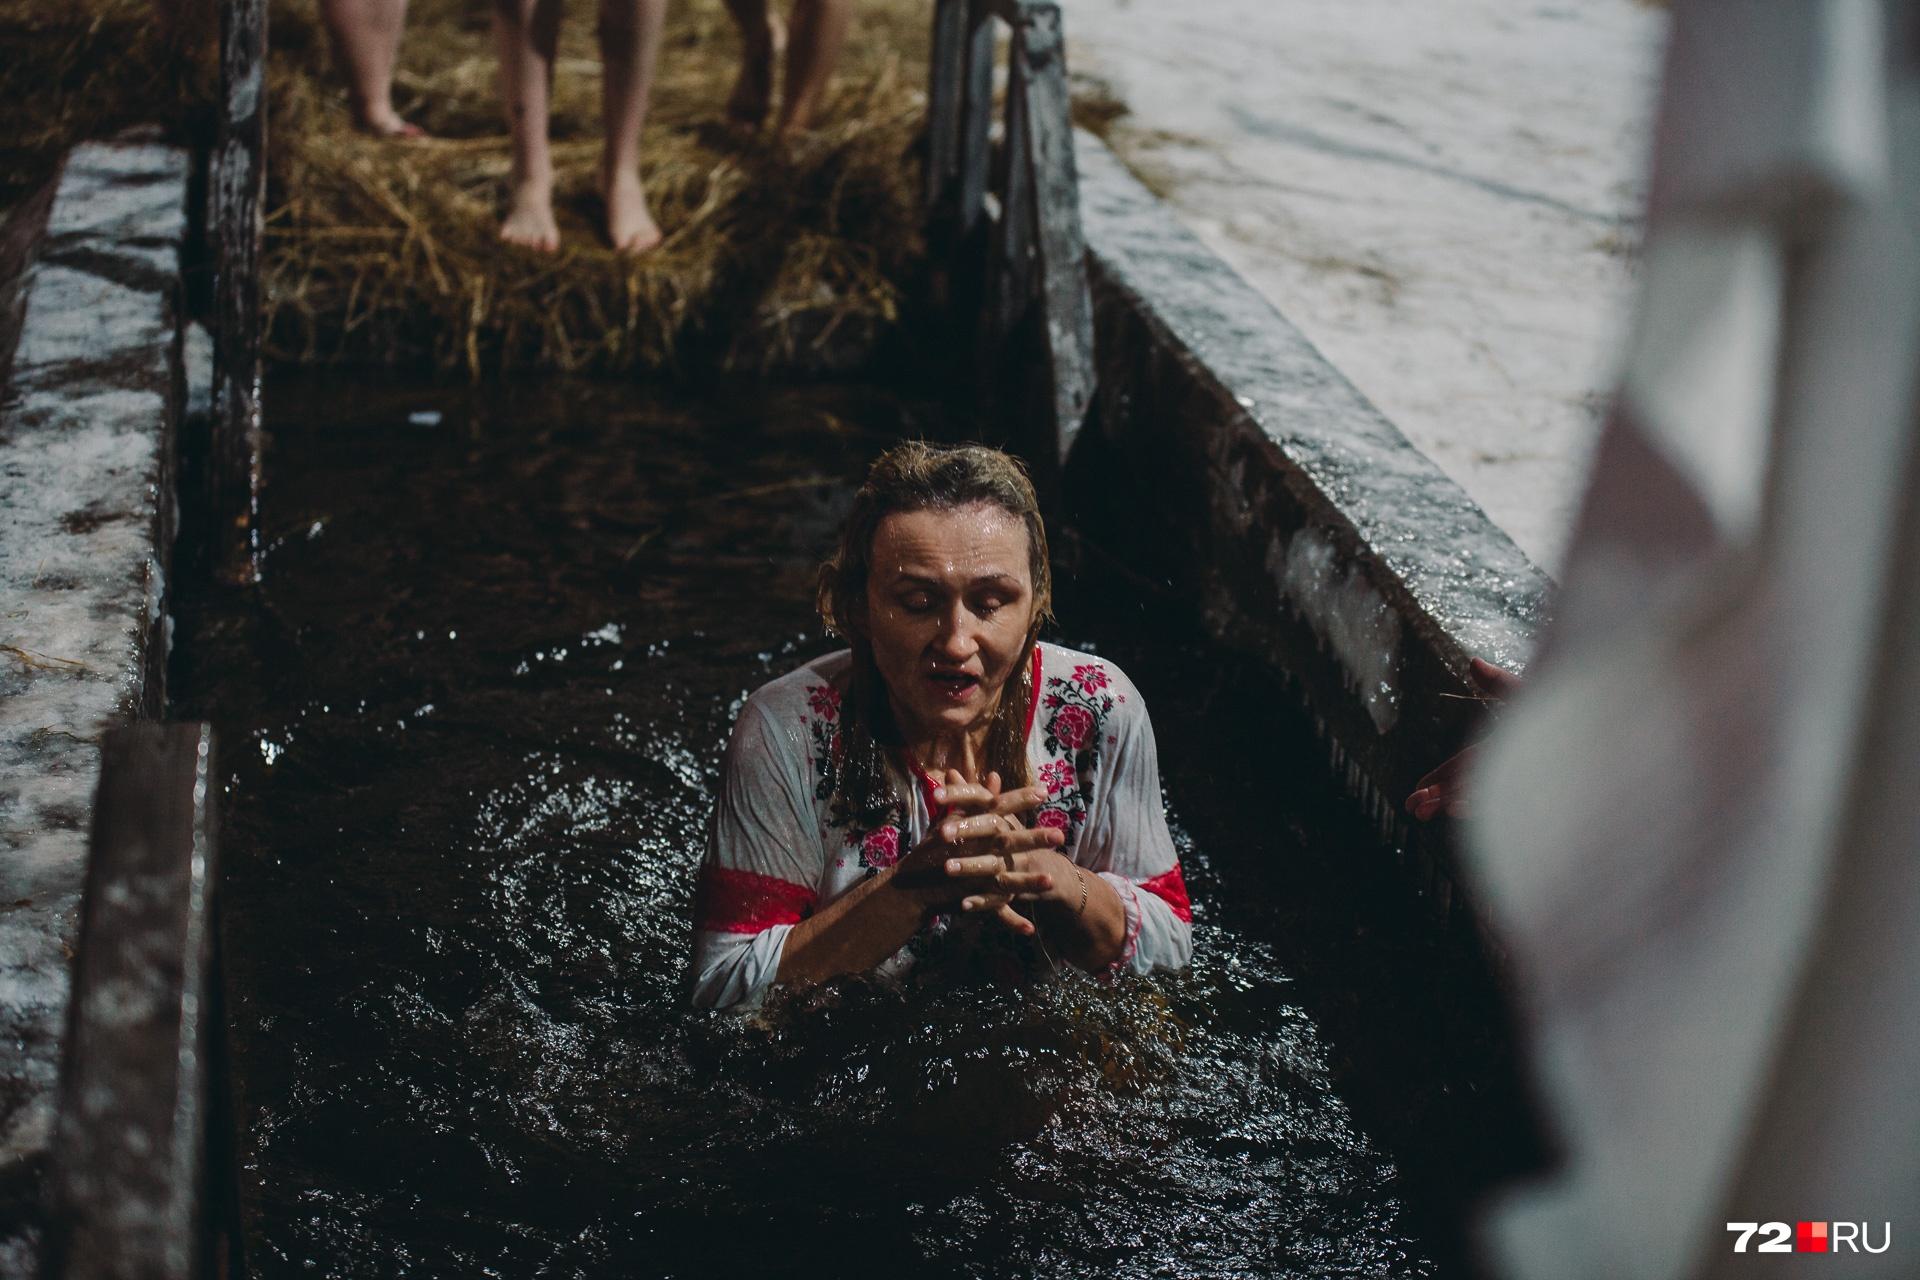 Оказавшись в воде, вы всё равно забудете все молитвы<br>